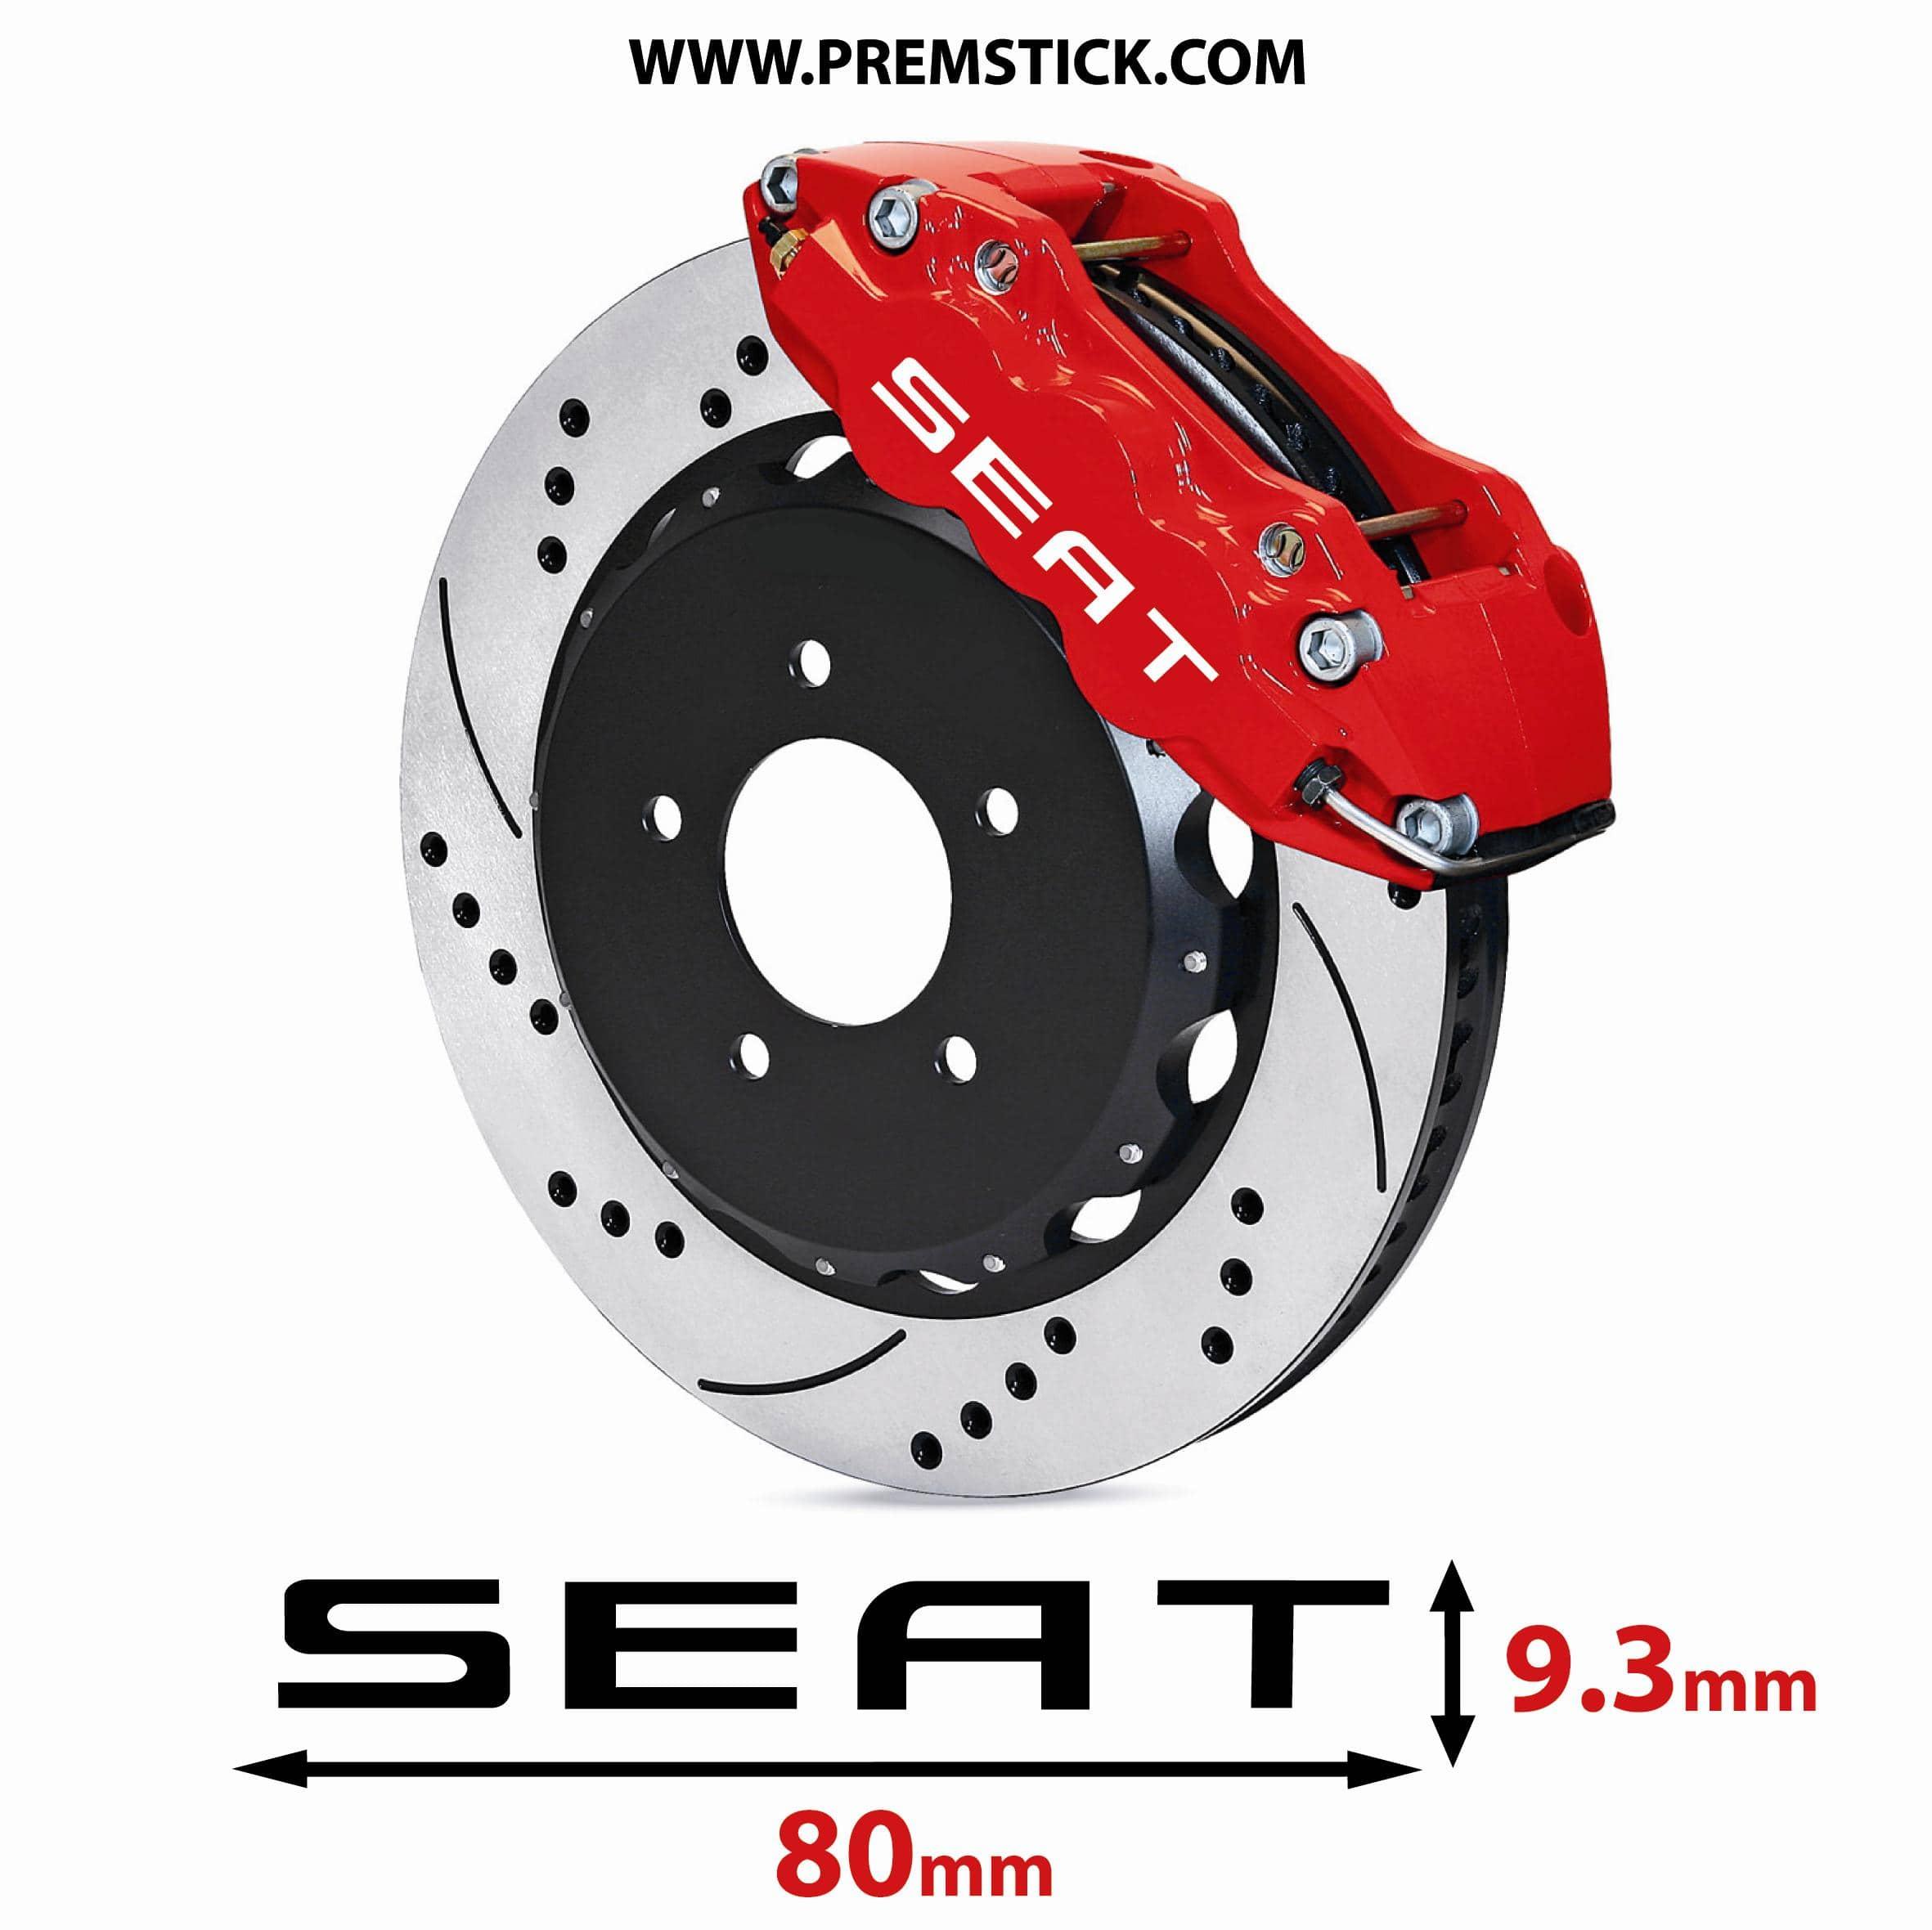 stickers-etrier-de-frein-seat-ref2-autocollant-etriers-freins-logo-voiture-sticker-adhesif-auto-car-disque-plaquette-pneu-jantes-racing-tuning-sponsors-sport-min